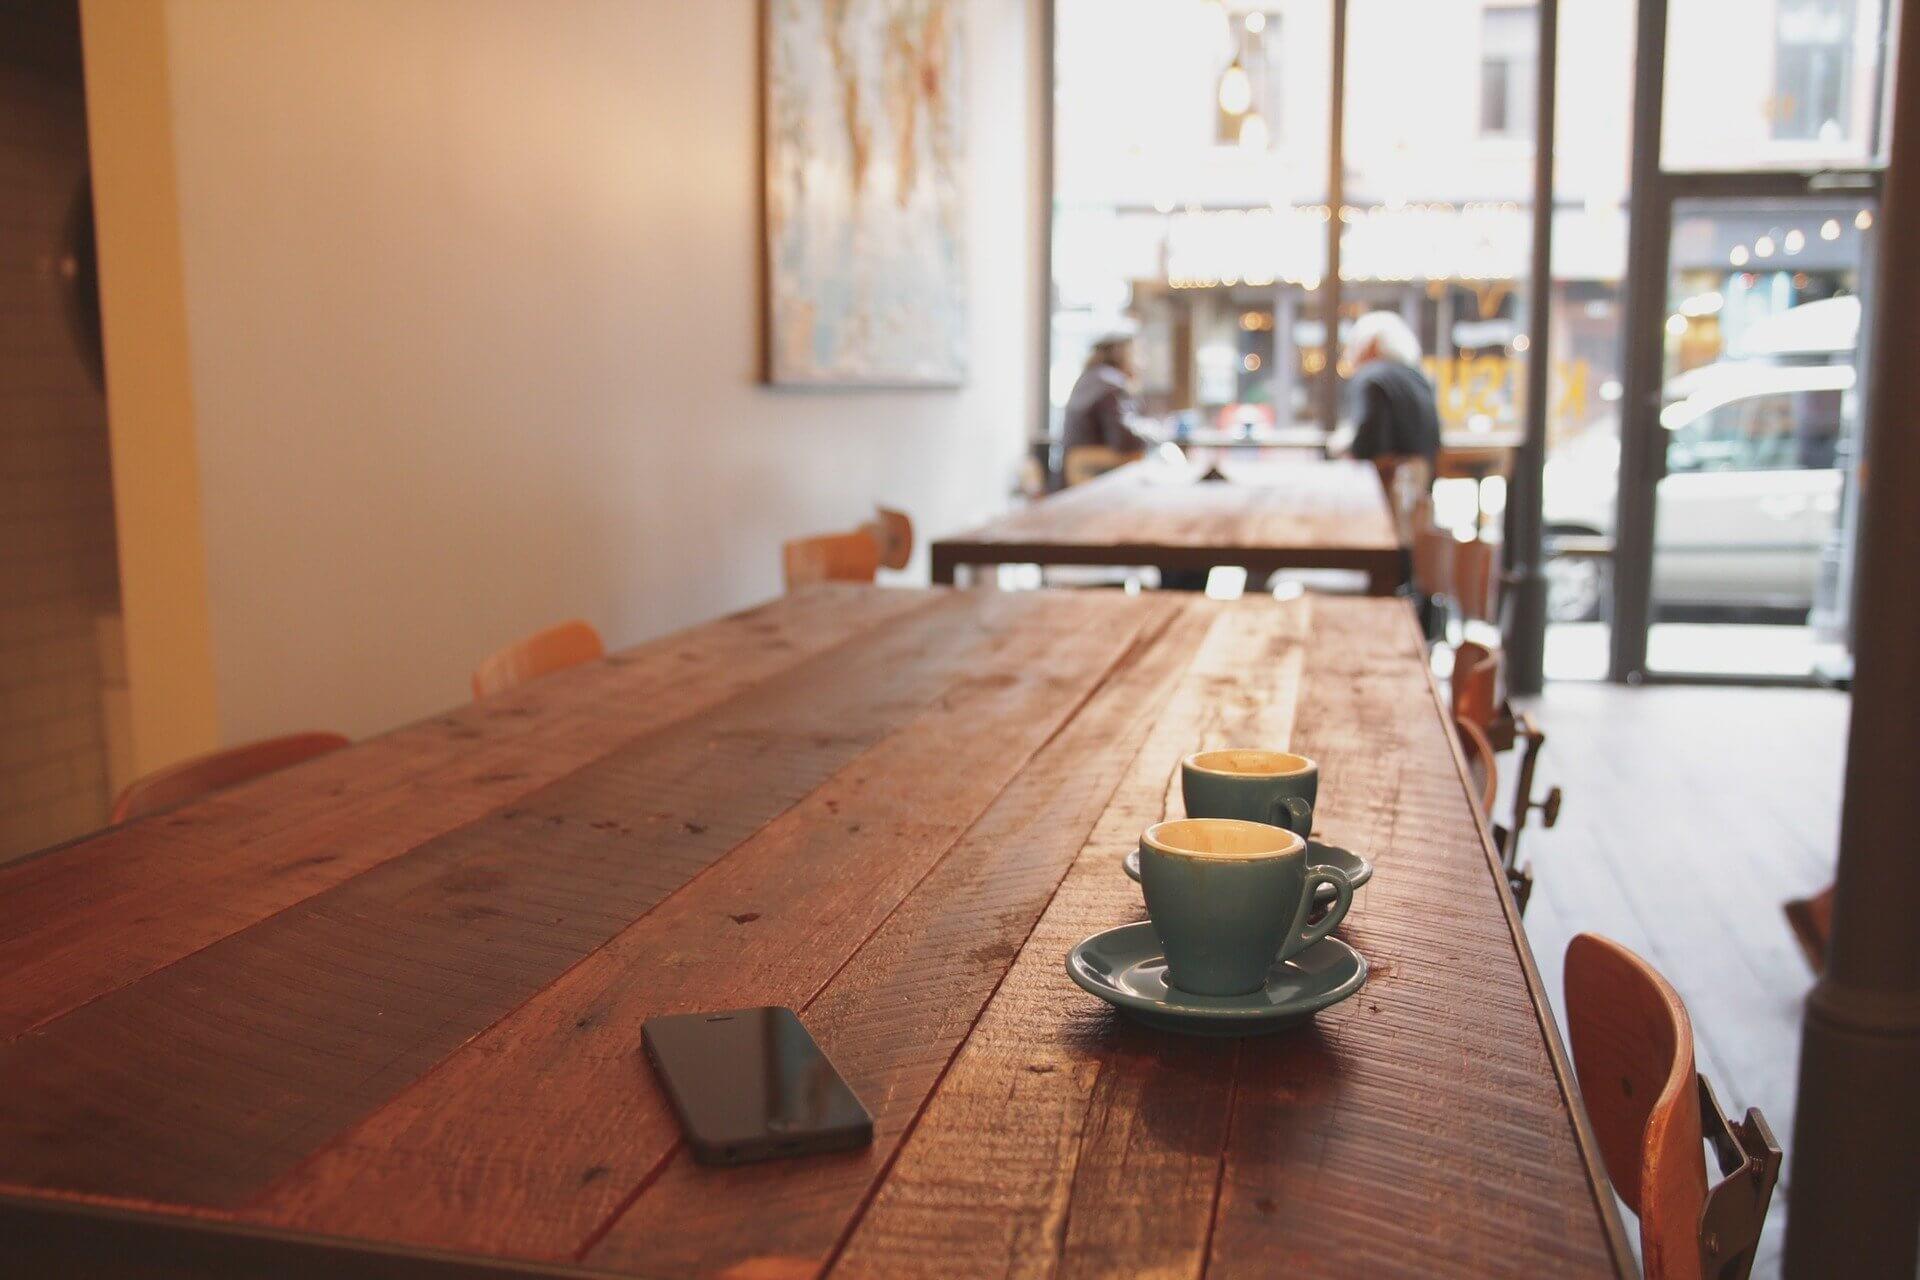 coffee-692560_1920 店舗改修の際に考えておくべき耐用年数とは?店舗デザインの会社が解説します